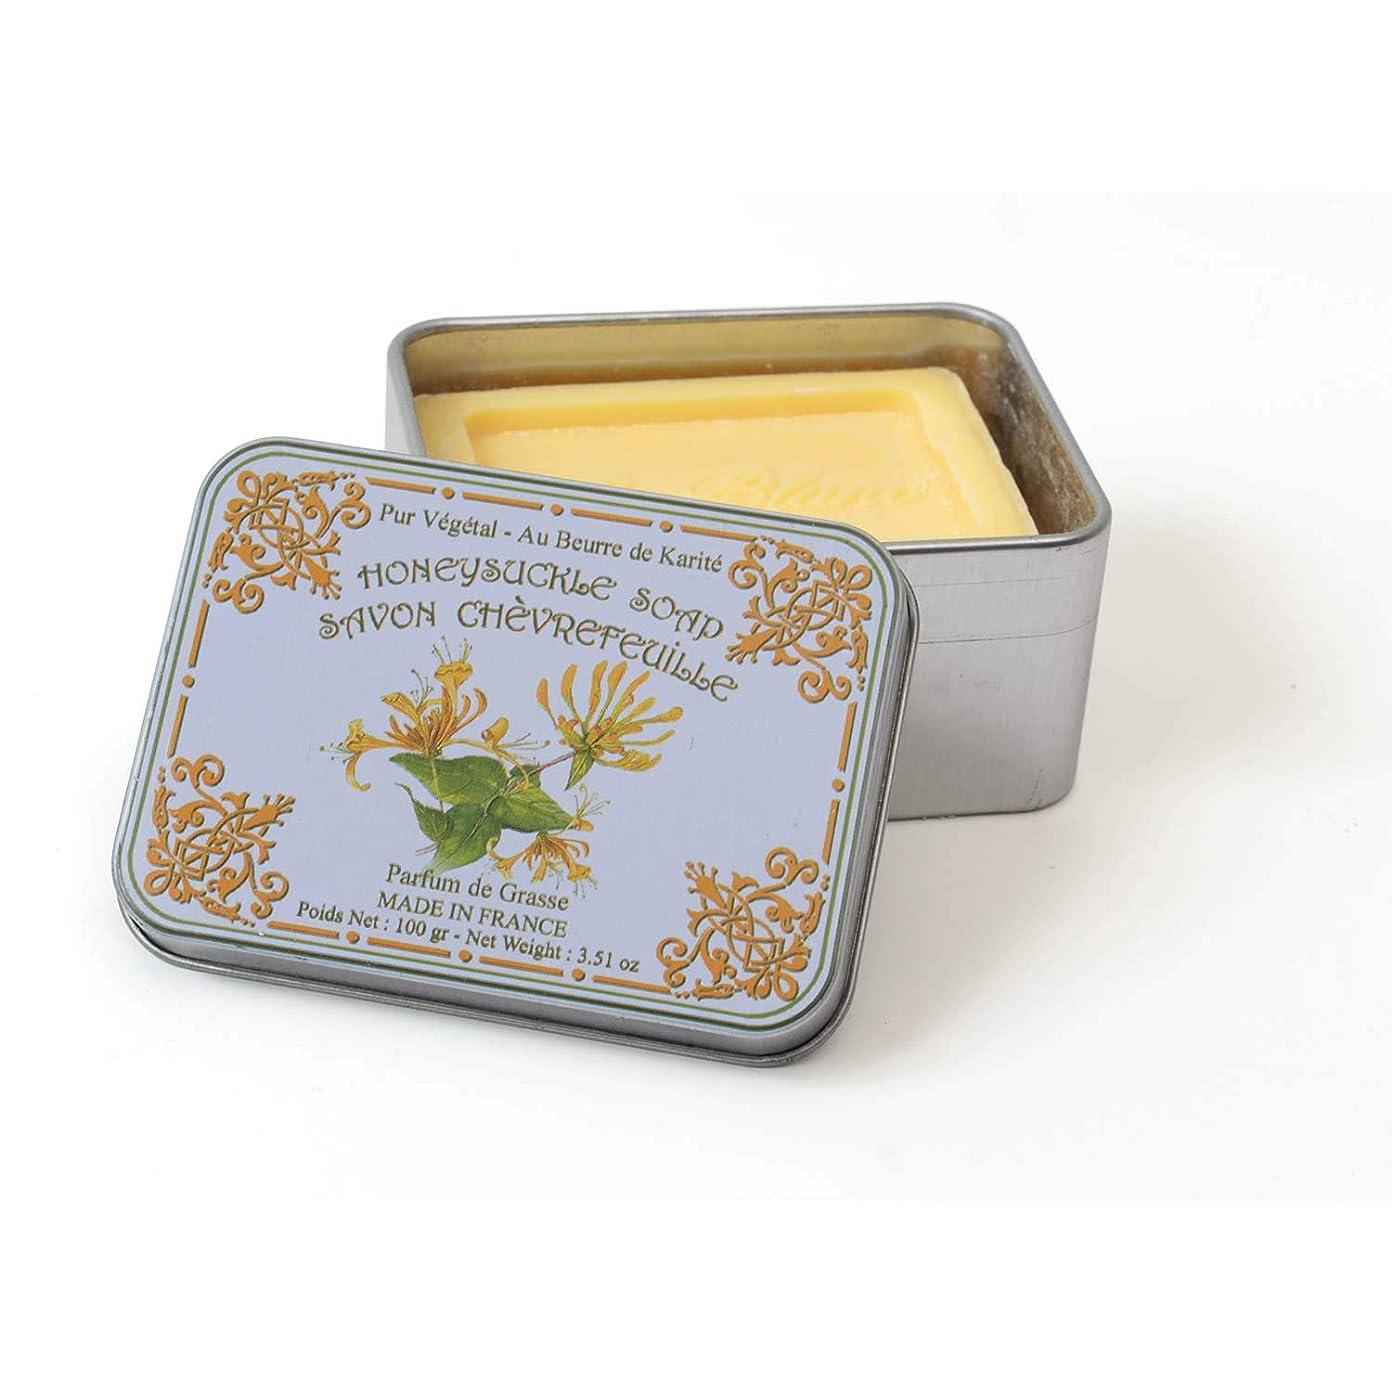 マエストロ解釈的アンビエントLe Blanc ルブランソープ スイカズラの香り